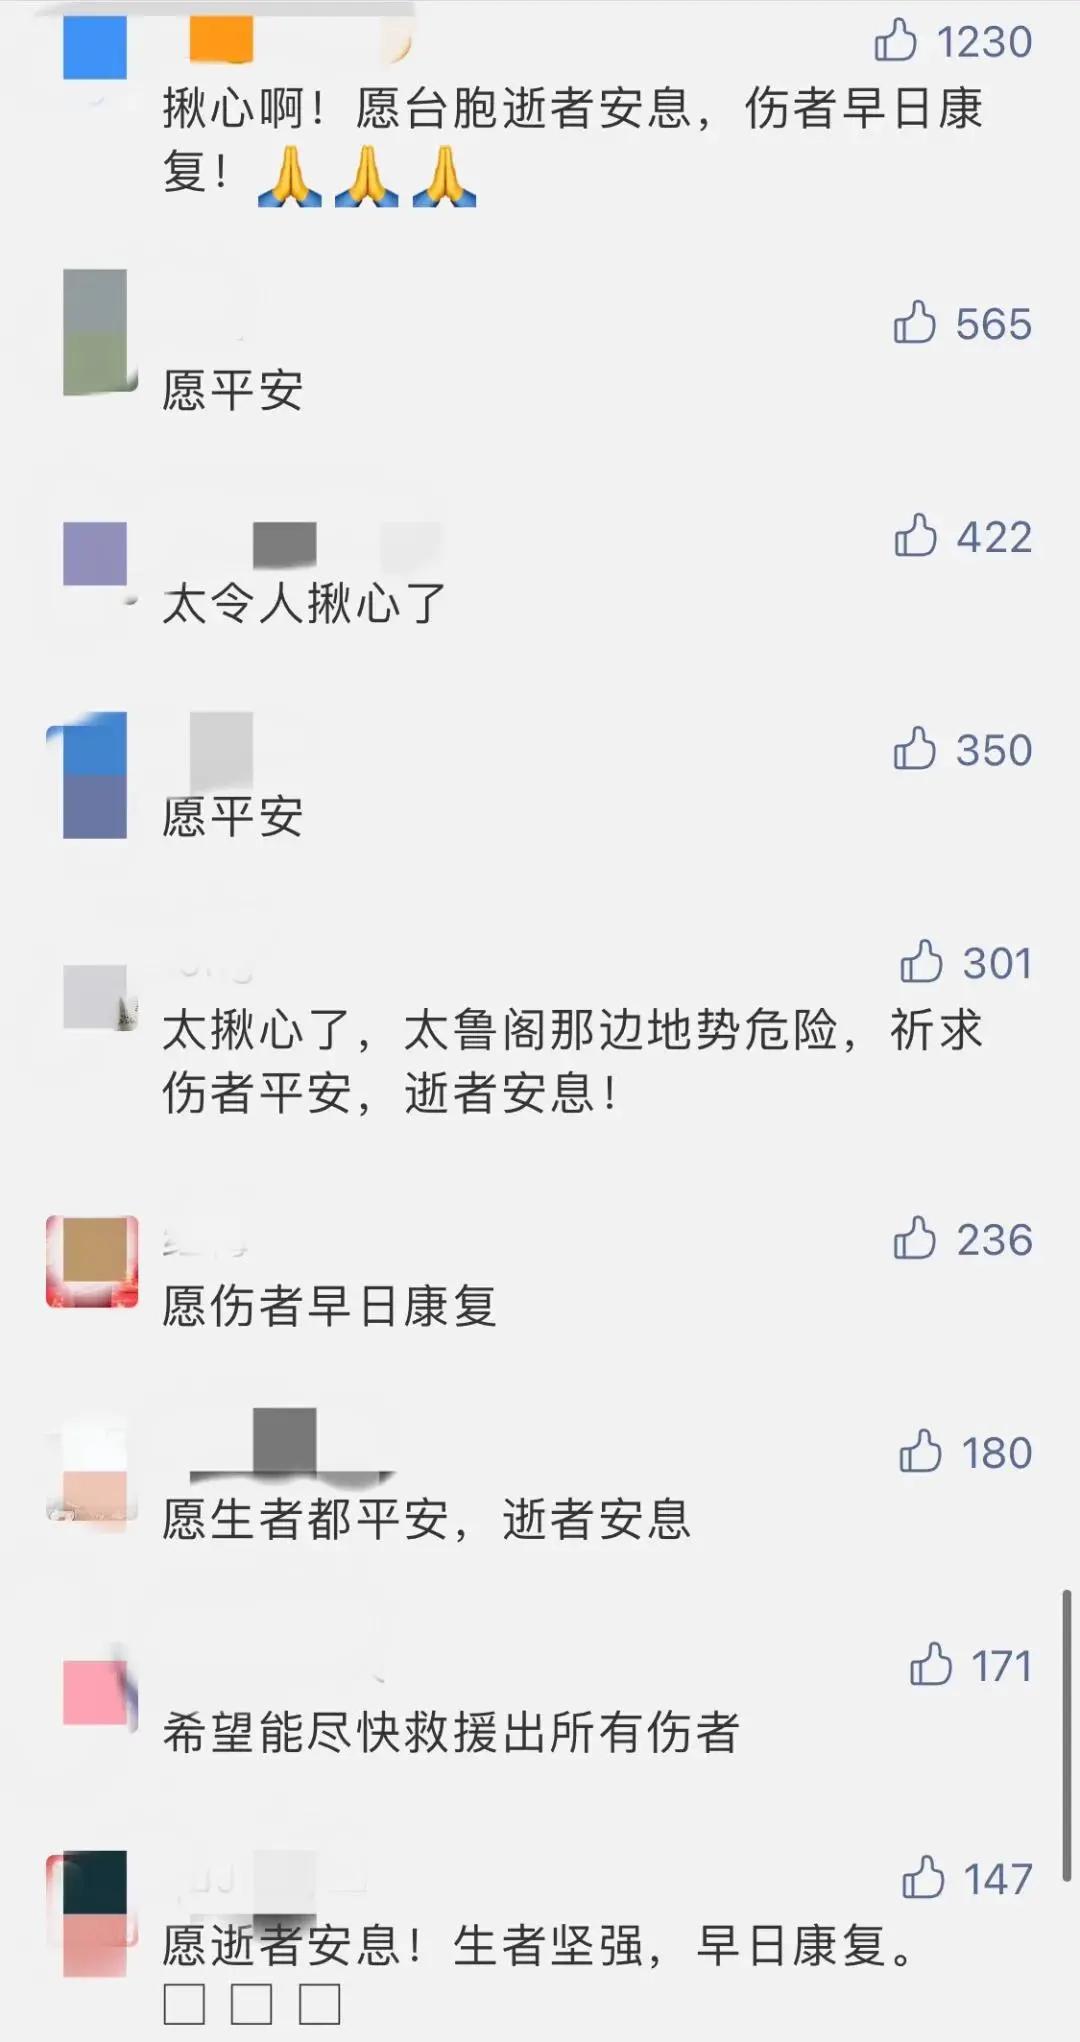 习近平向台湾列车出轨事故遇难同胞表示哀悼;事故原因初步查明,部分罹难者名单公布